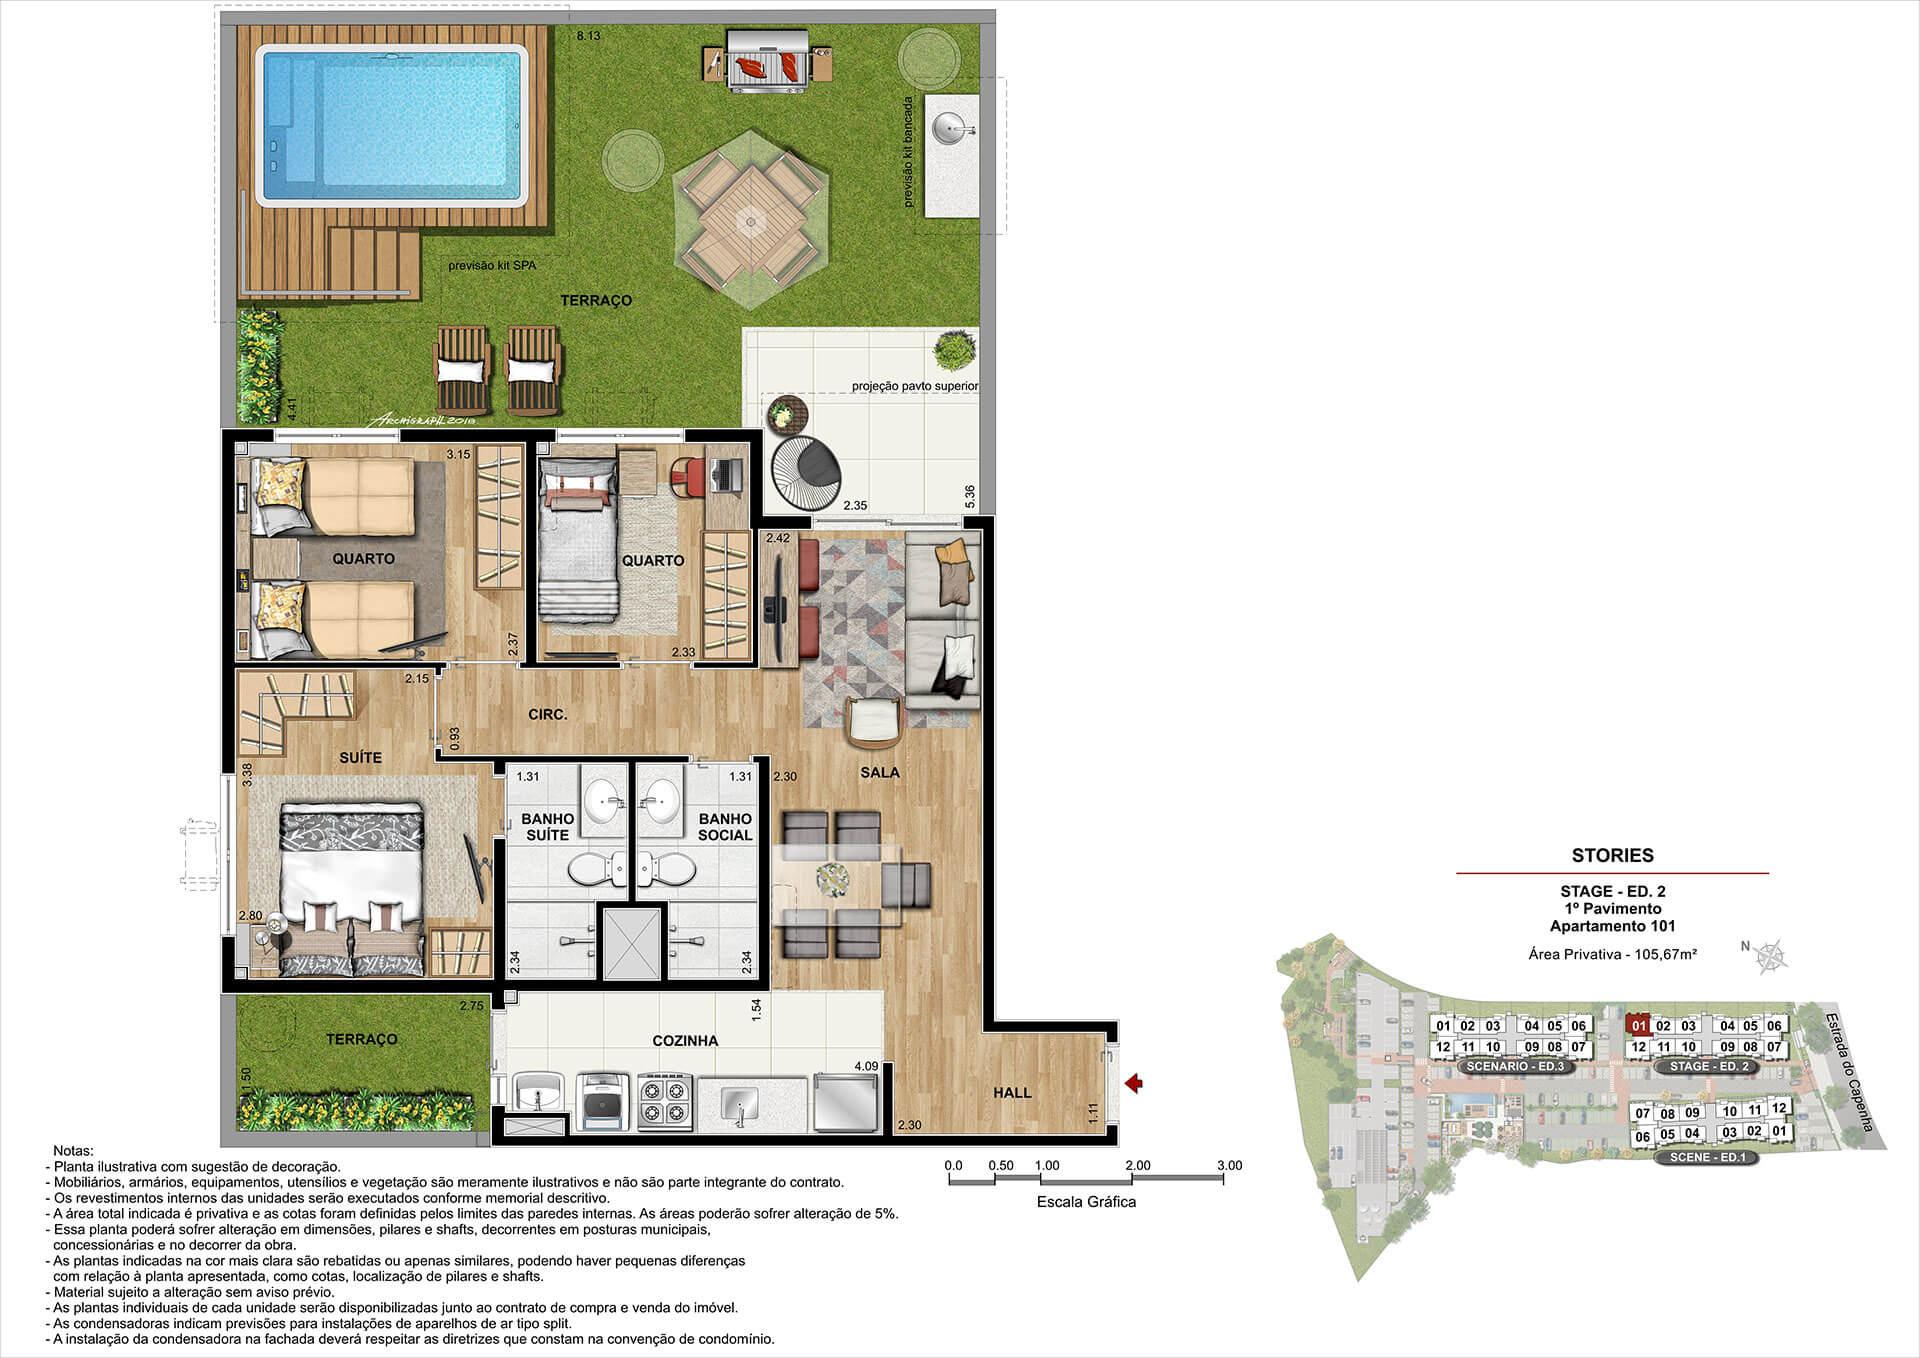 63cda9ab3c Formulário de Contato - Stories Residence